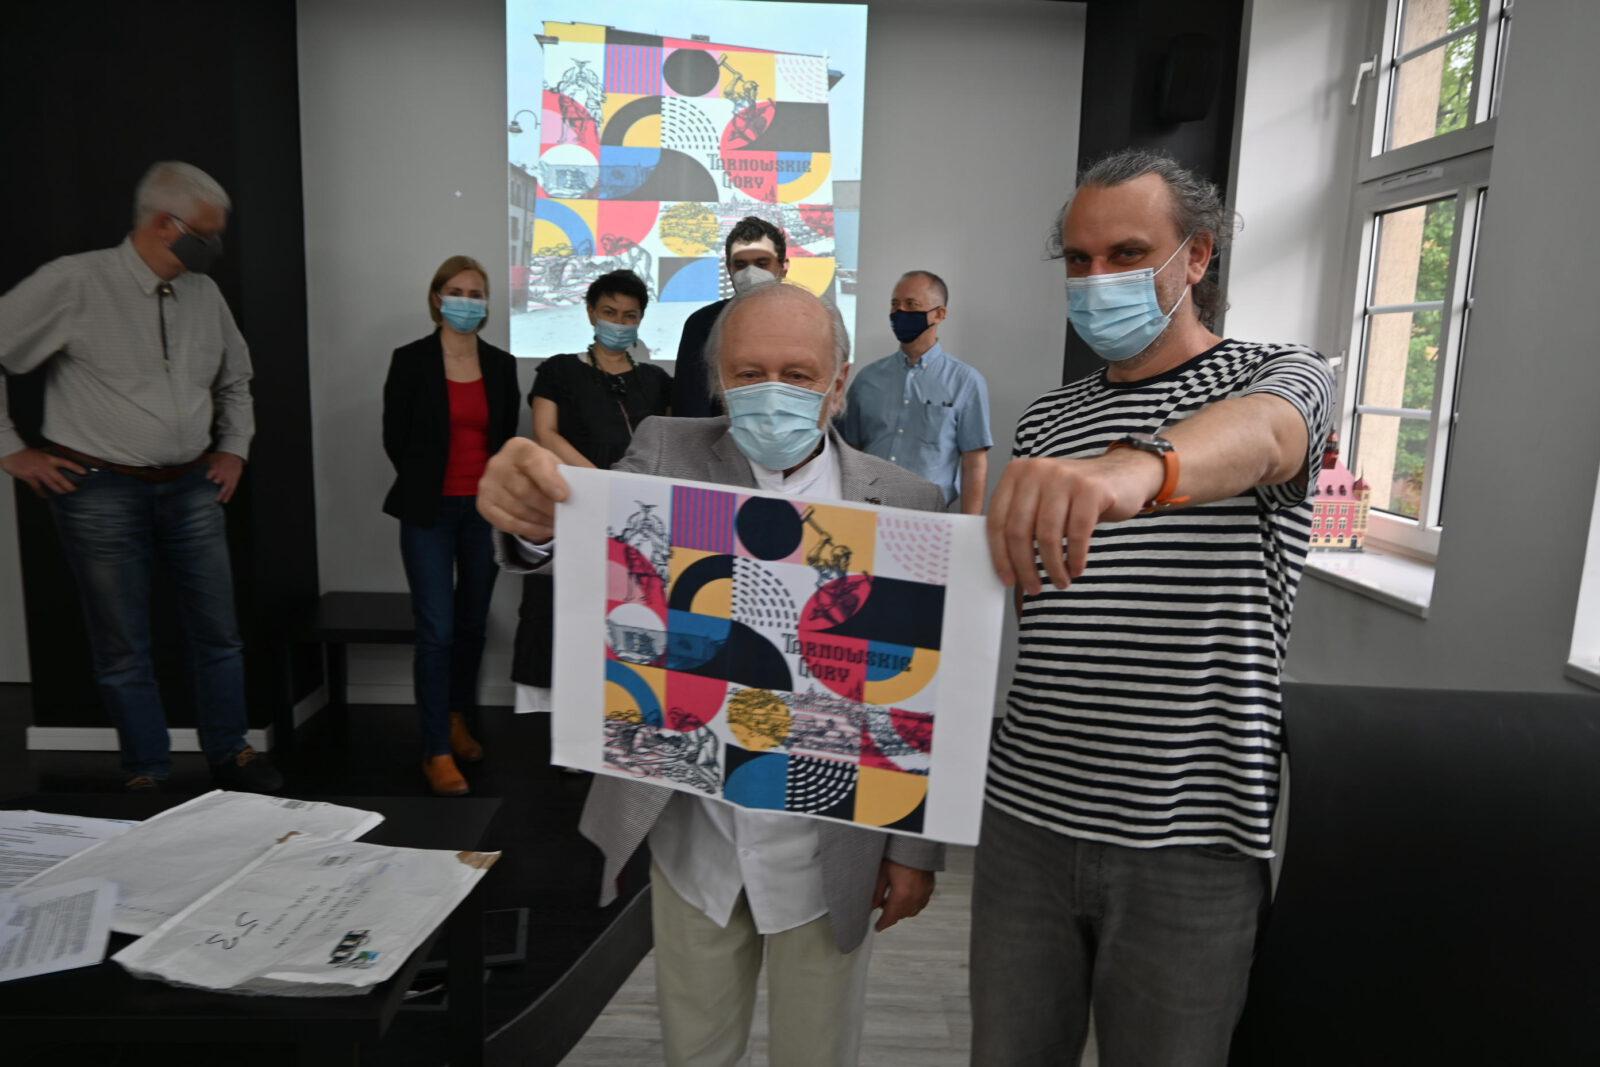 TGMural wybrany! - komisja ze zwycięskim projektem muralu